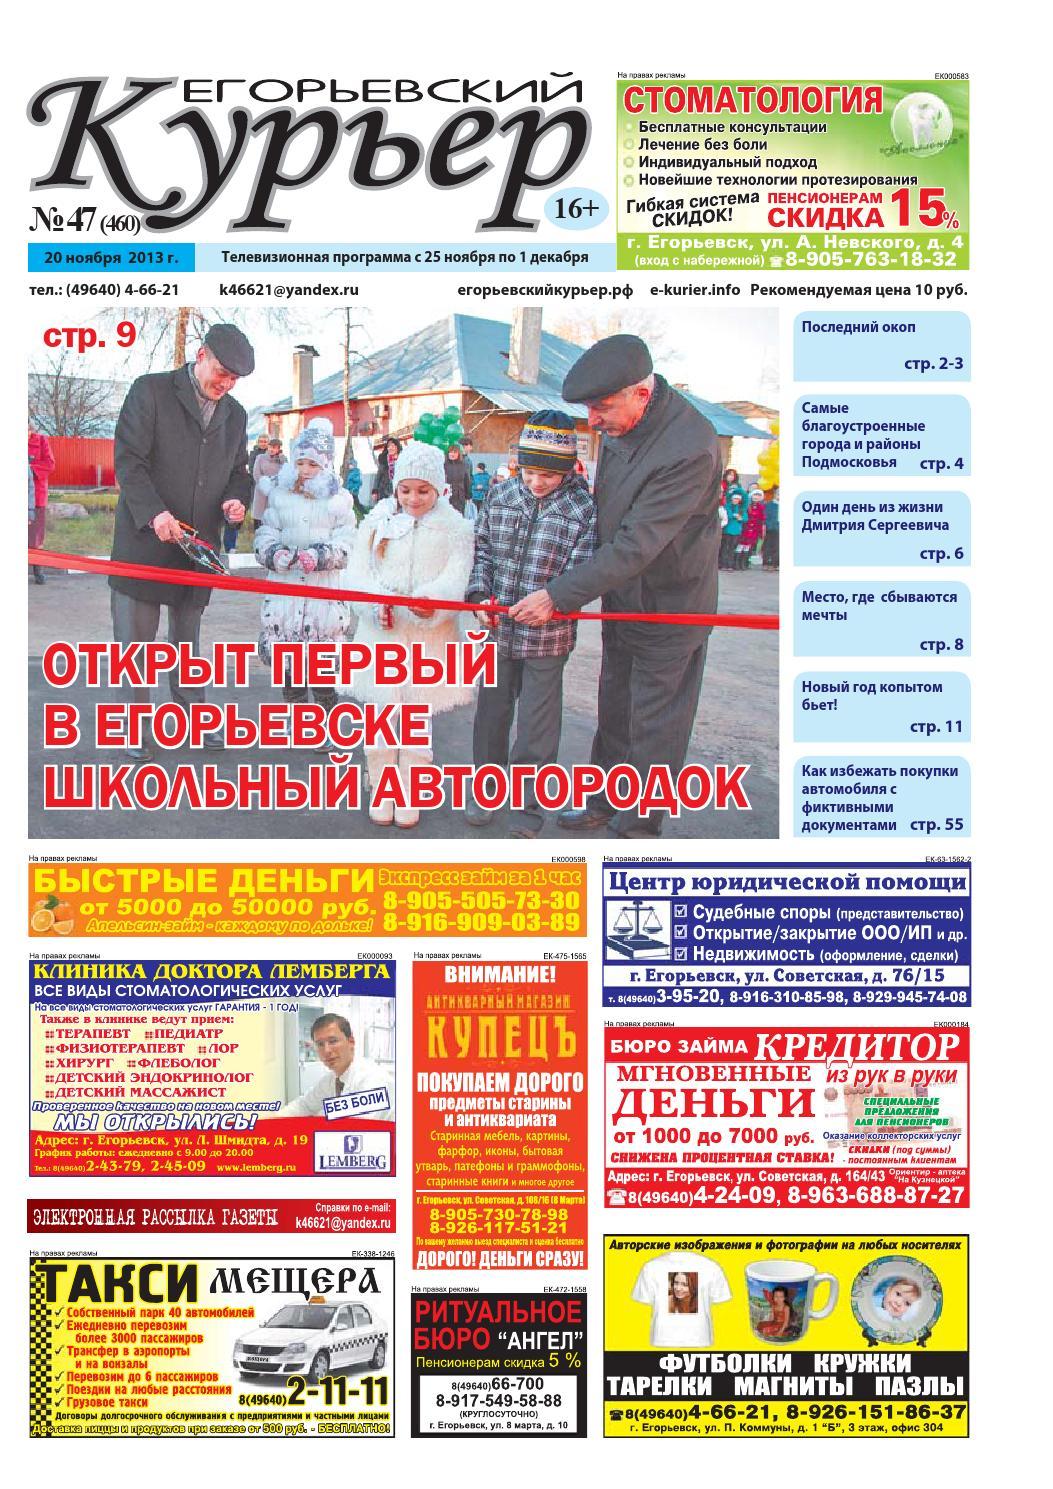 Справка ПНД для госслужбы Краснопресненская